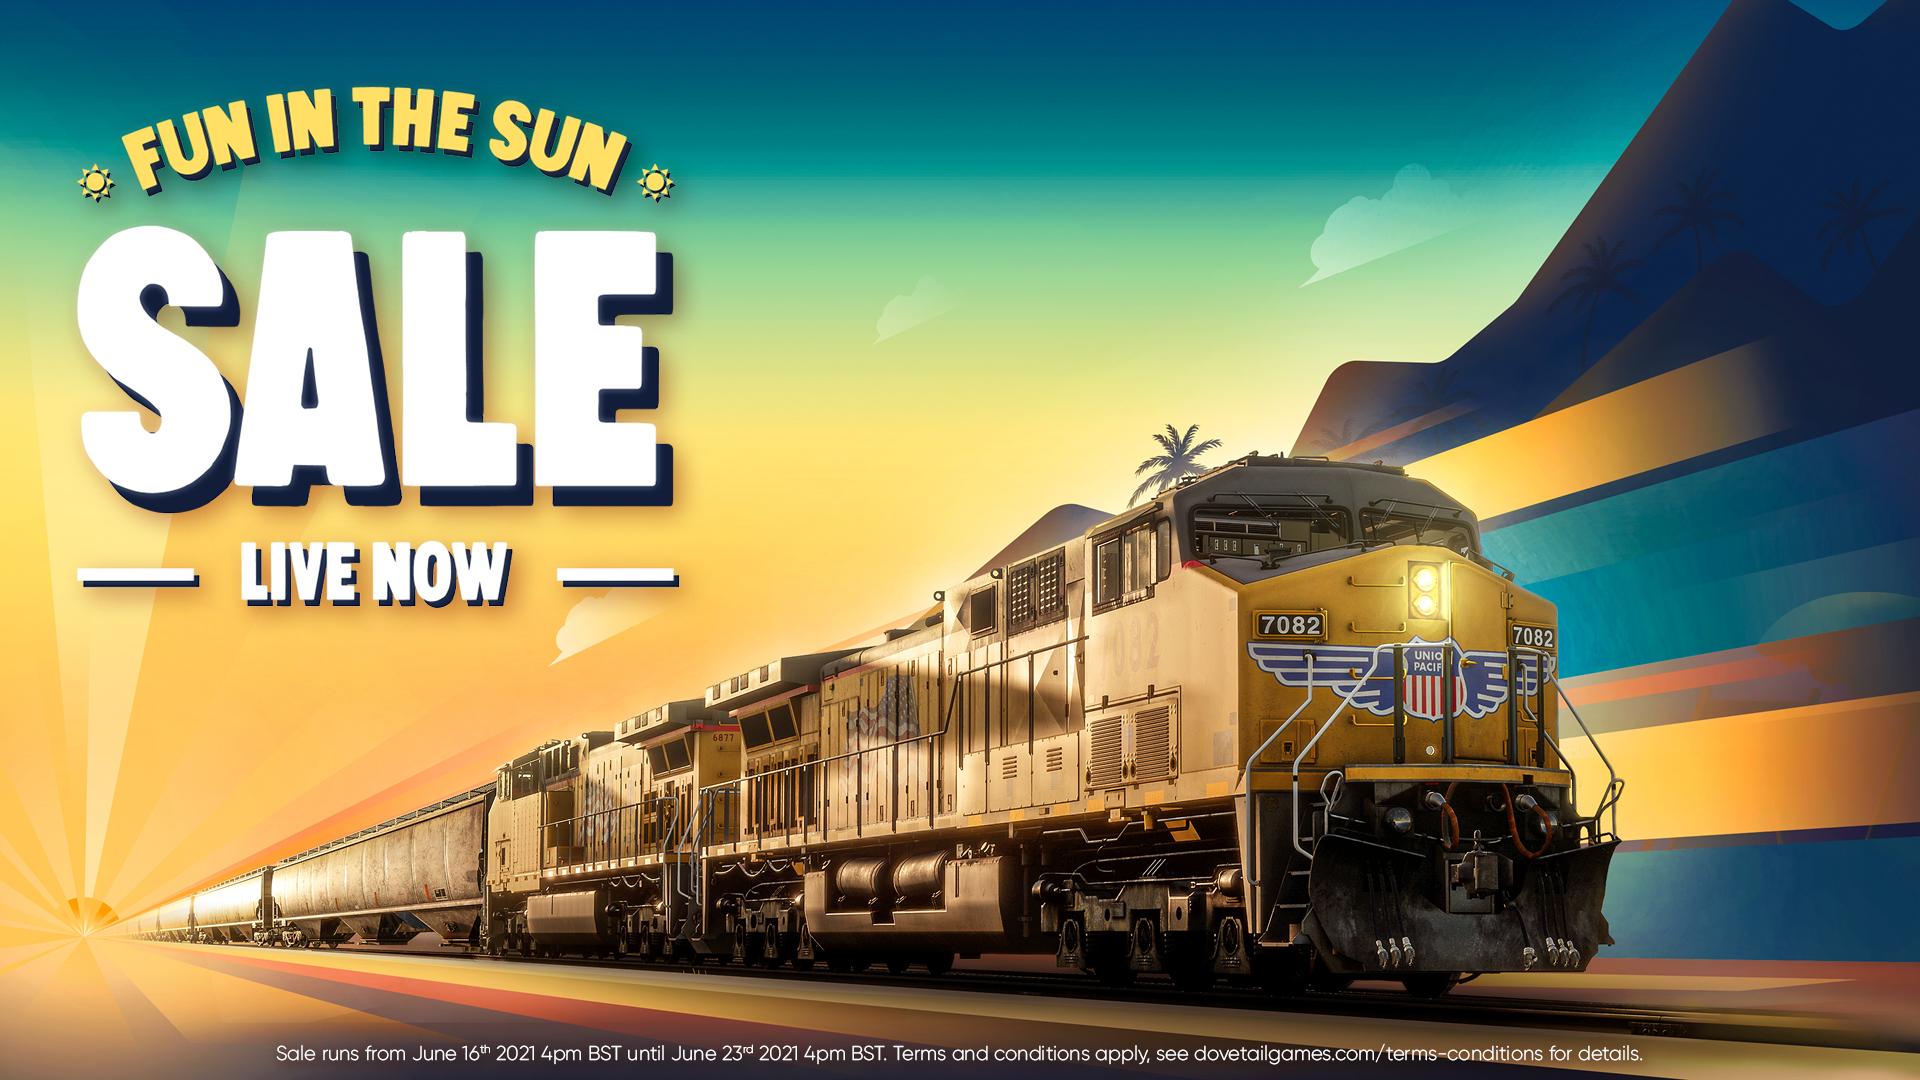 Train Simulator 21 | Fun in the Sun Now On!